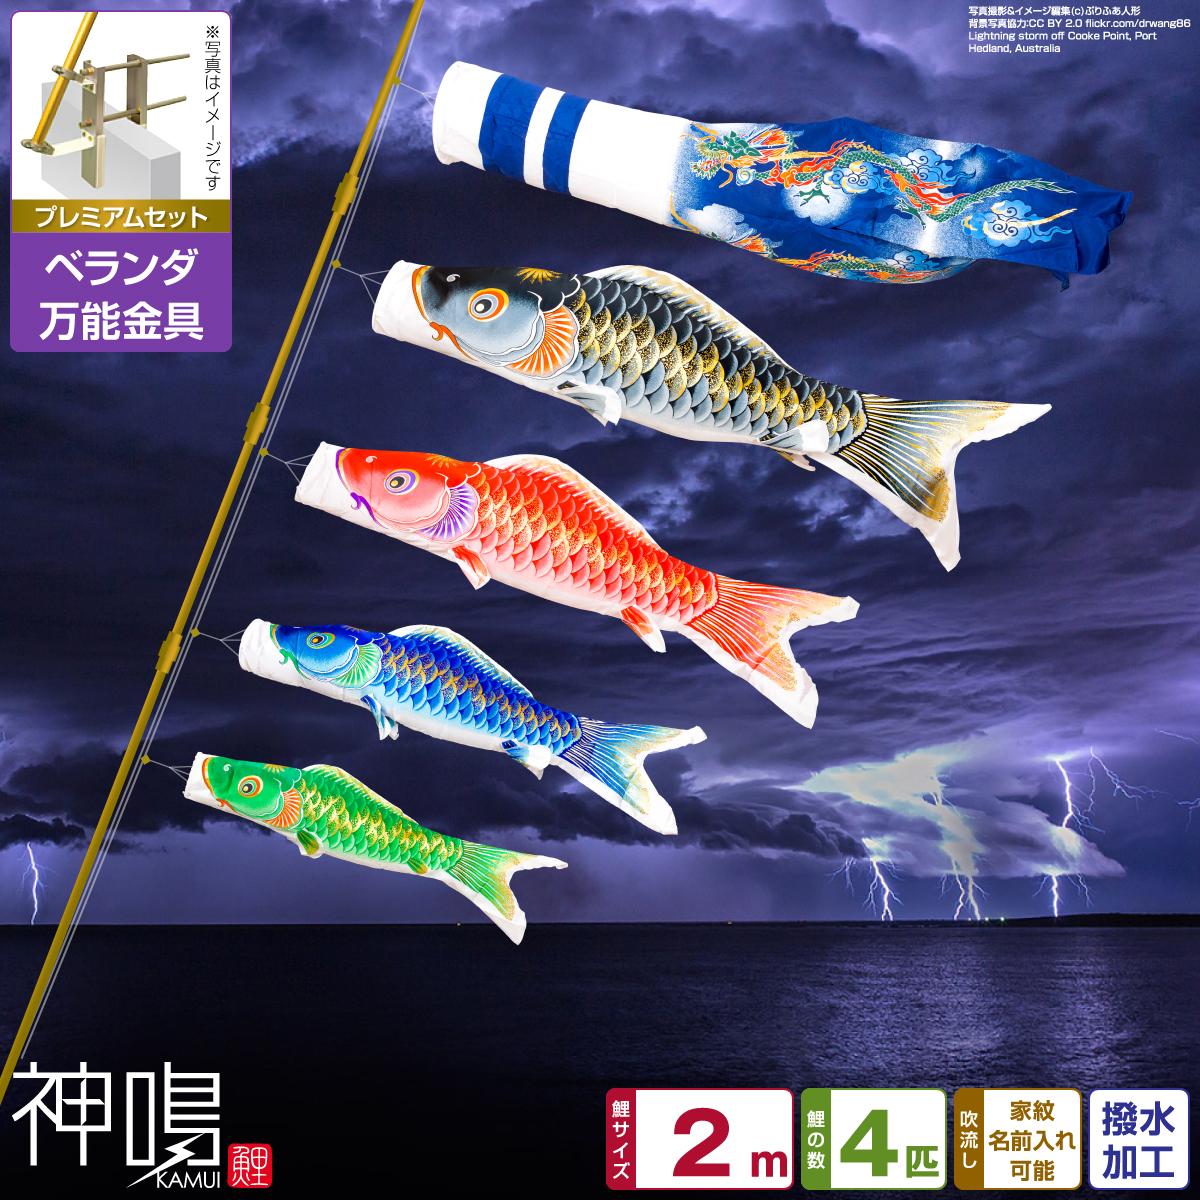 ベランダ用 鯉のぼり 神鳴鯉-KAMUI- 2m 7点(吹流し+鯉4匹+矢車+ロープ)/プレミアムセット(万能取付金具)